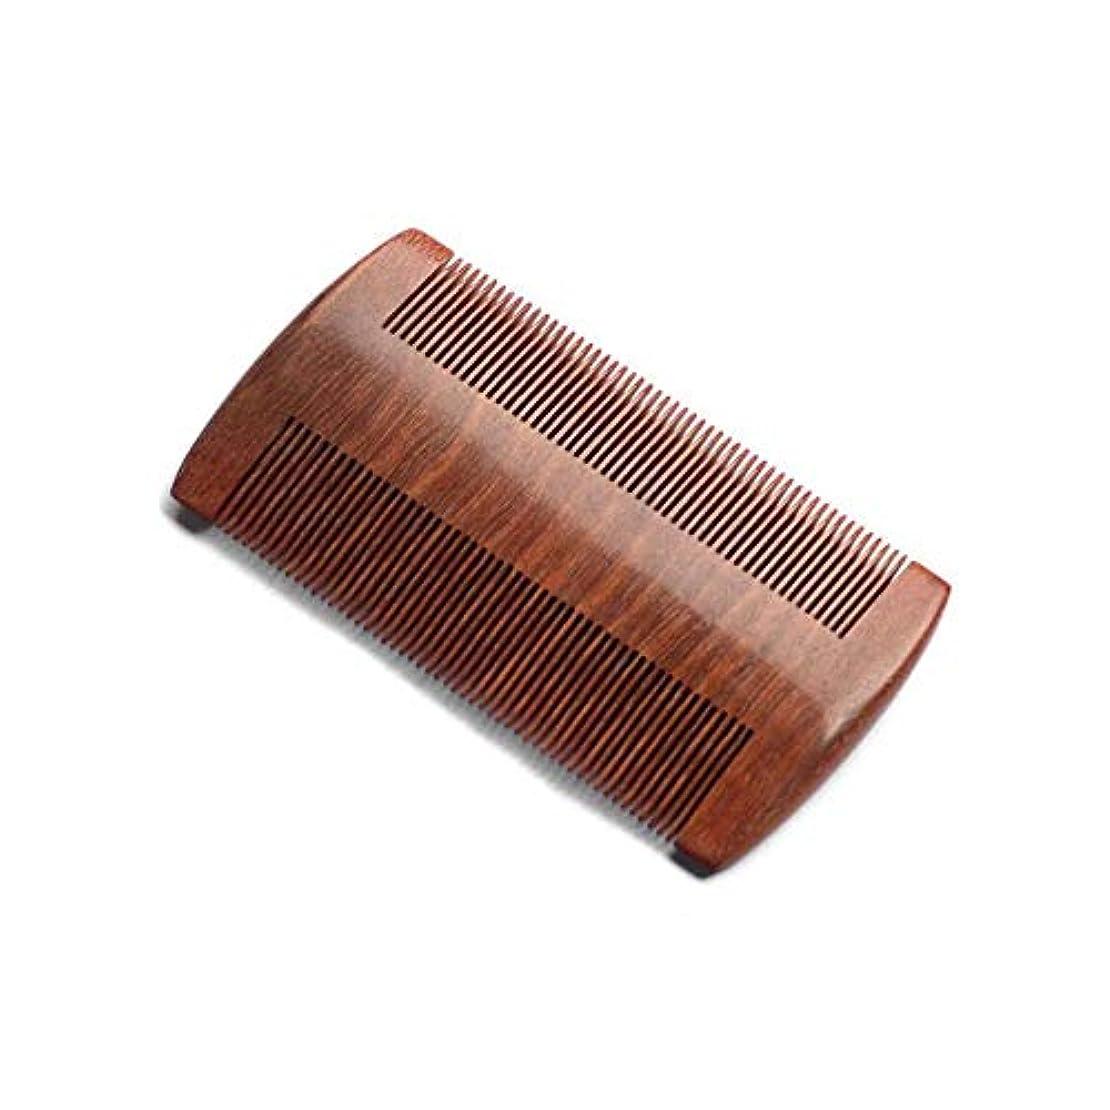 崖最愛の標高ZYDP 細かいコンパクトな歯赤白檀の髪の櫛手作りの櫛帯電防止髪の櫛